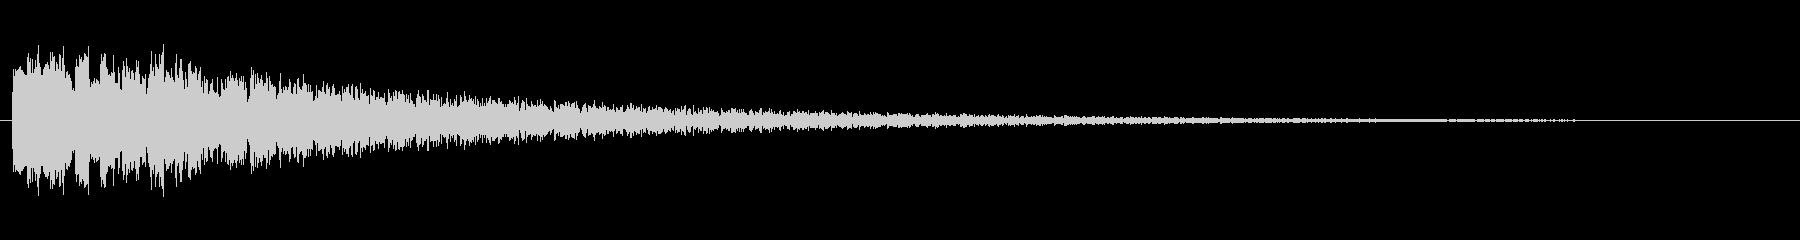 魔法を使った時の効果音的なジングルの未再生の波形